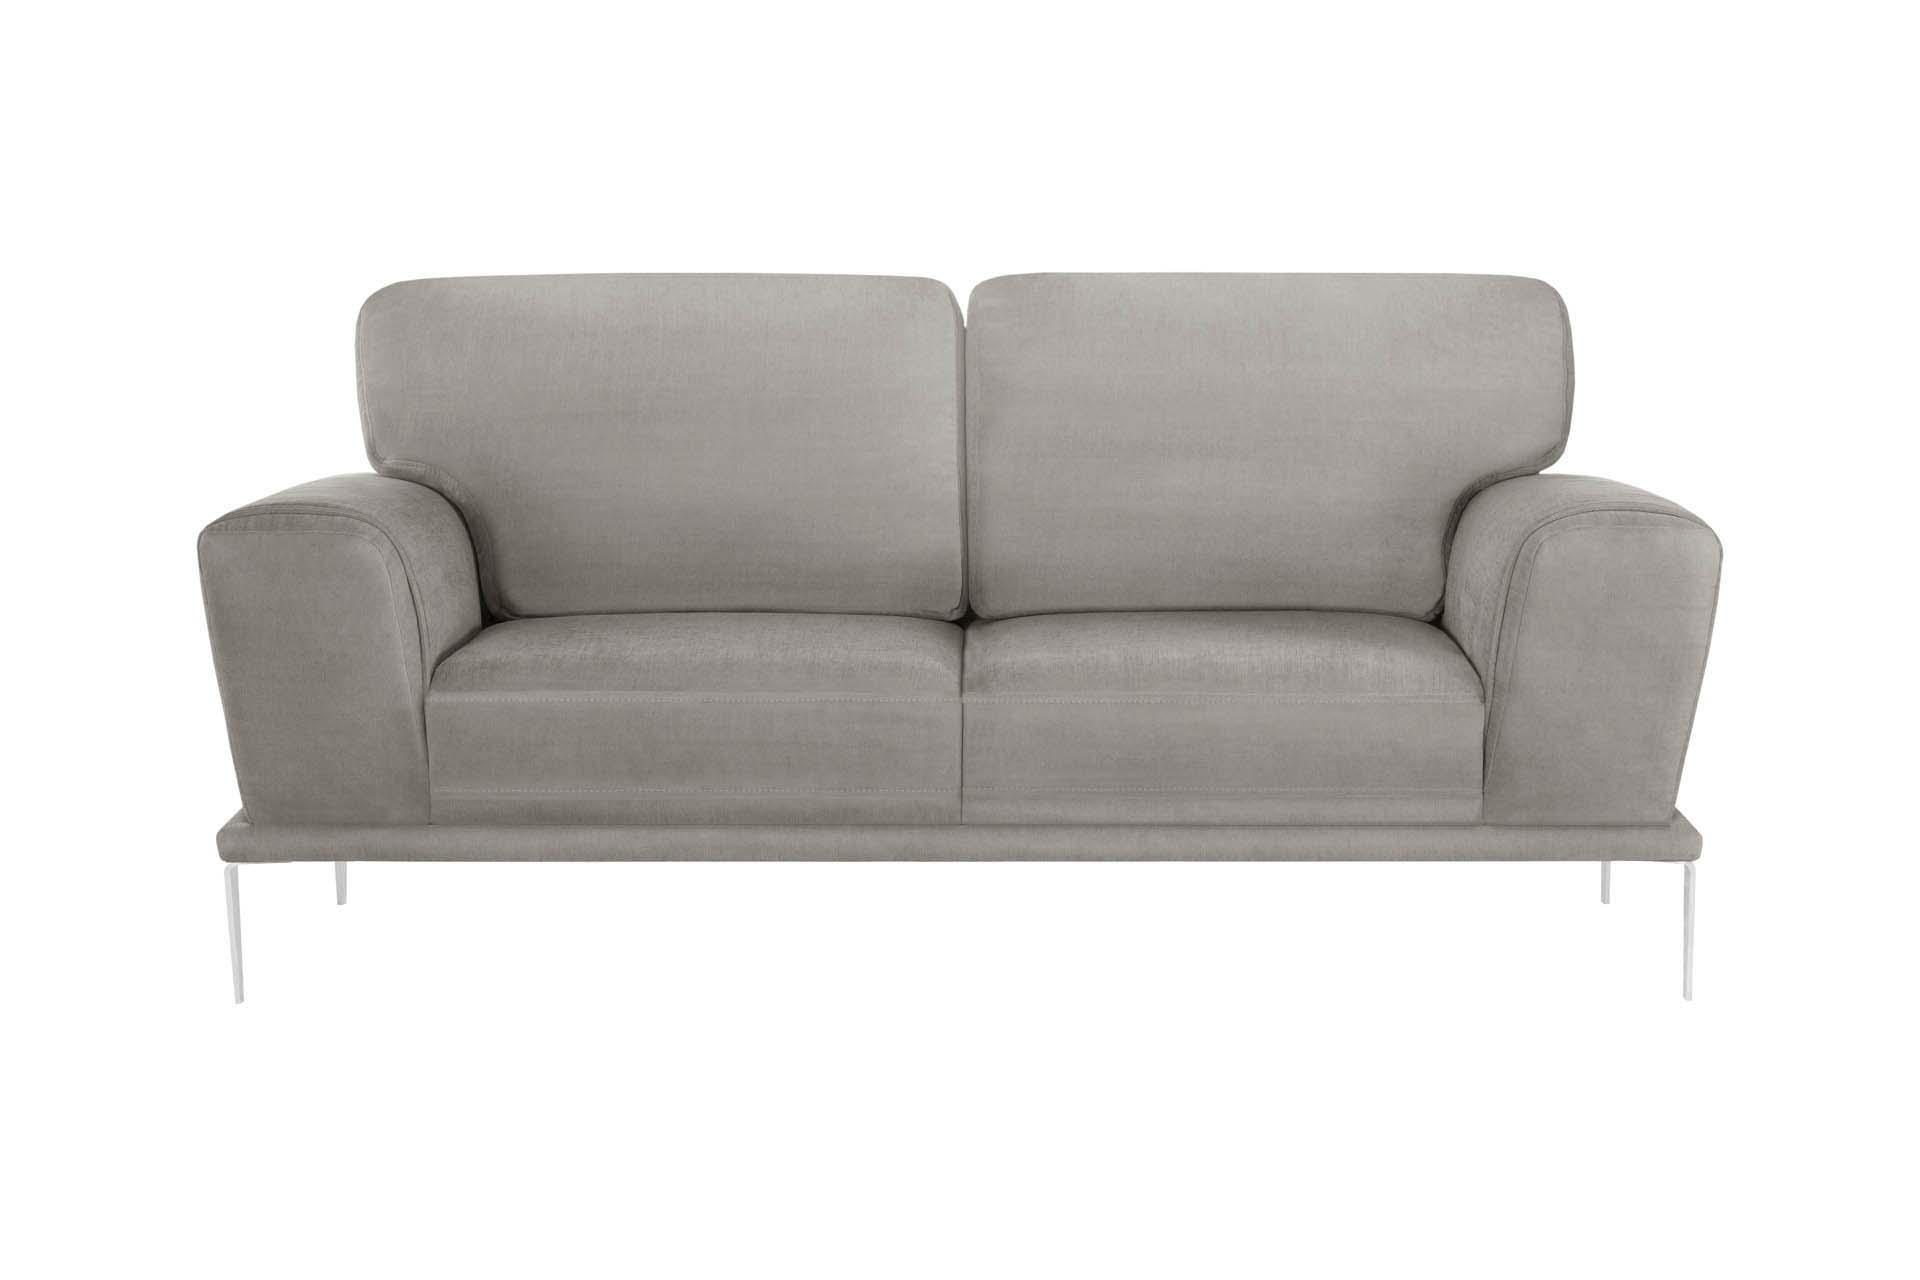 Canapé 2 places toucher coton gris clair